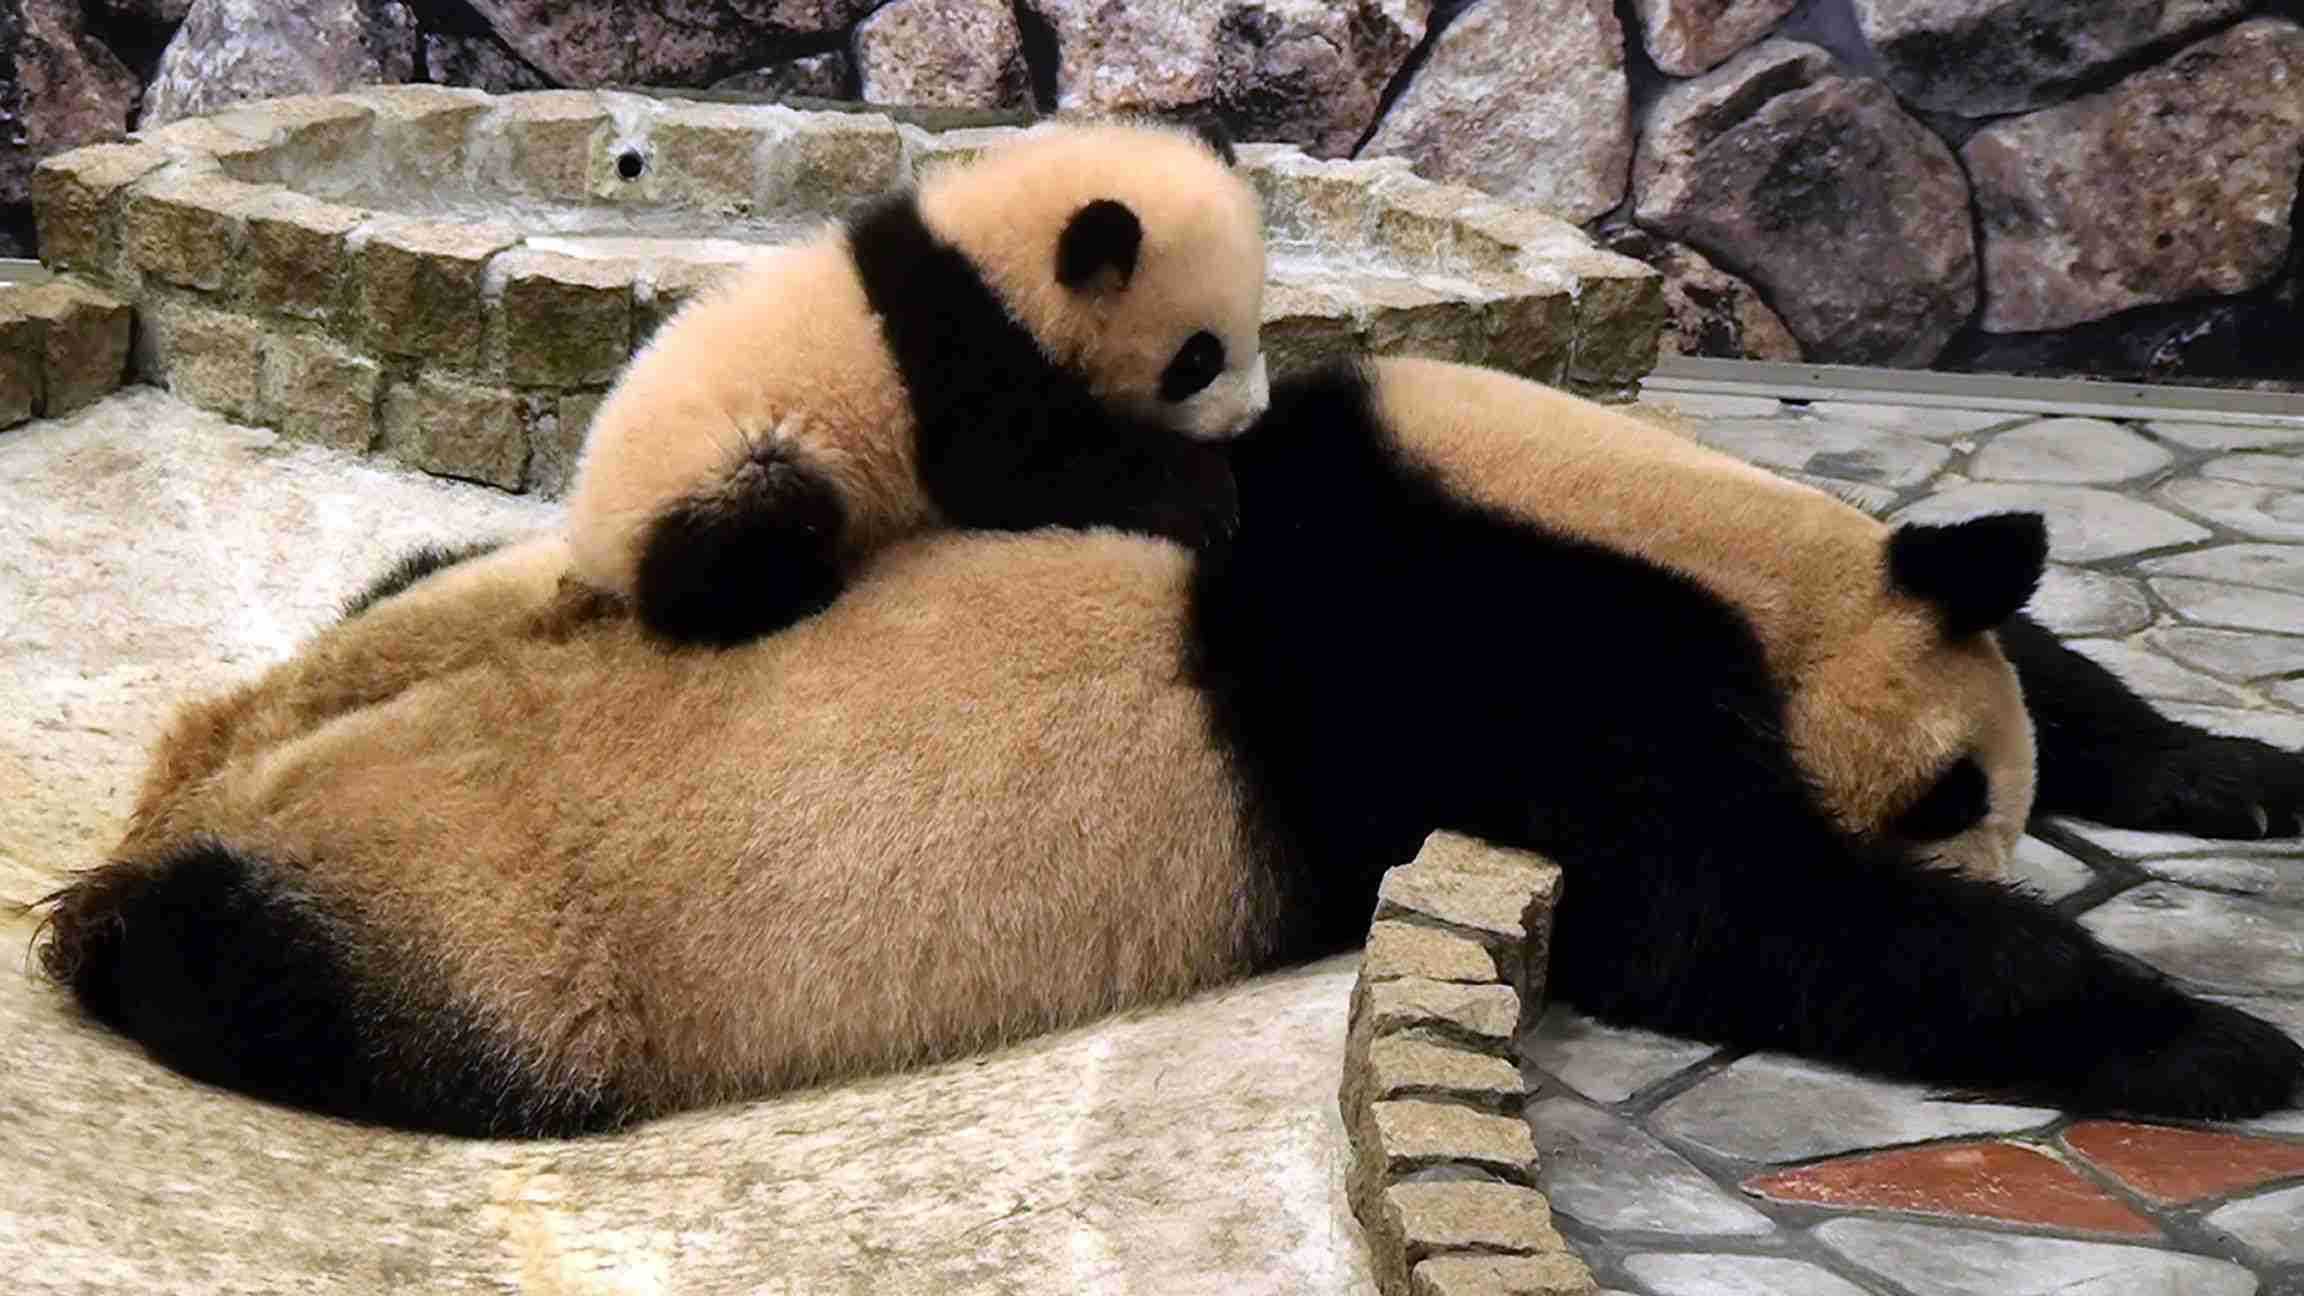 panda baby on her Mom  パンダ 優浜 良浜を登る アドベンチャーワールド - YouTube